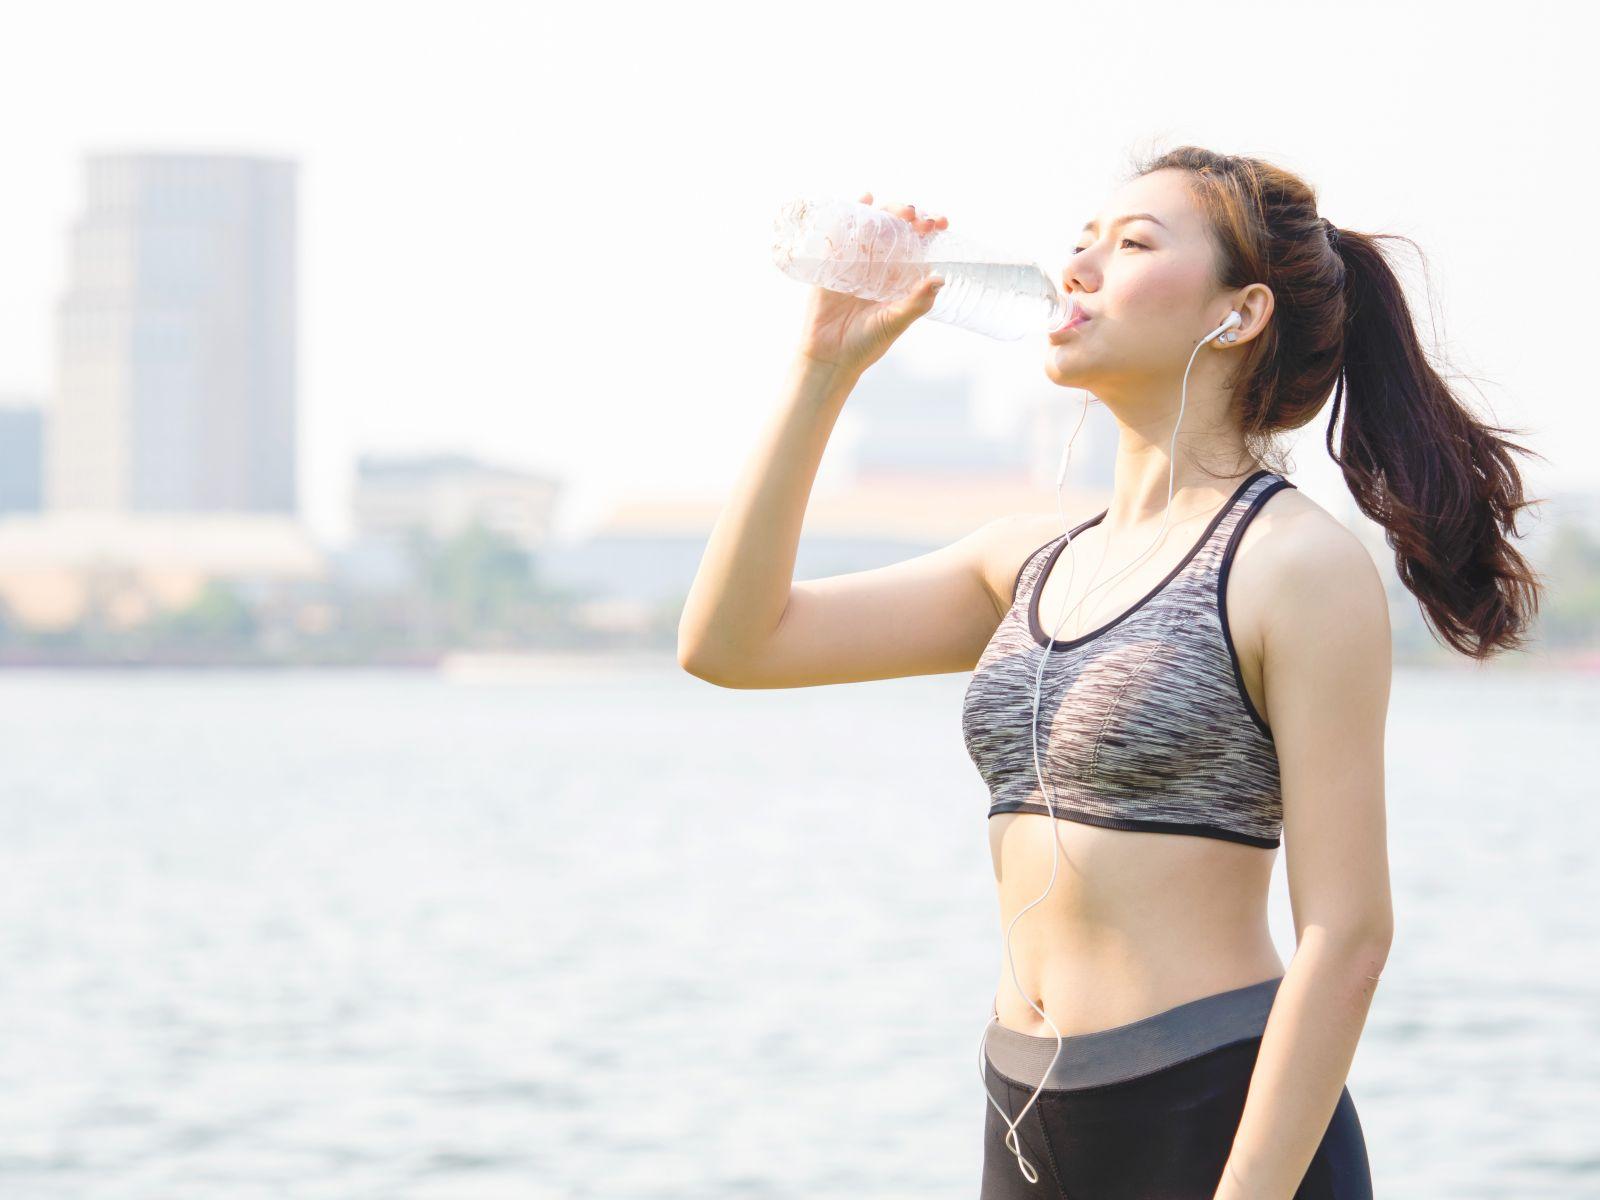 不運動,喝水也能瘦!運動營養師教你促進代謝、減肥喝水公式